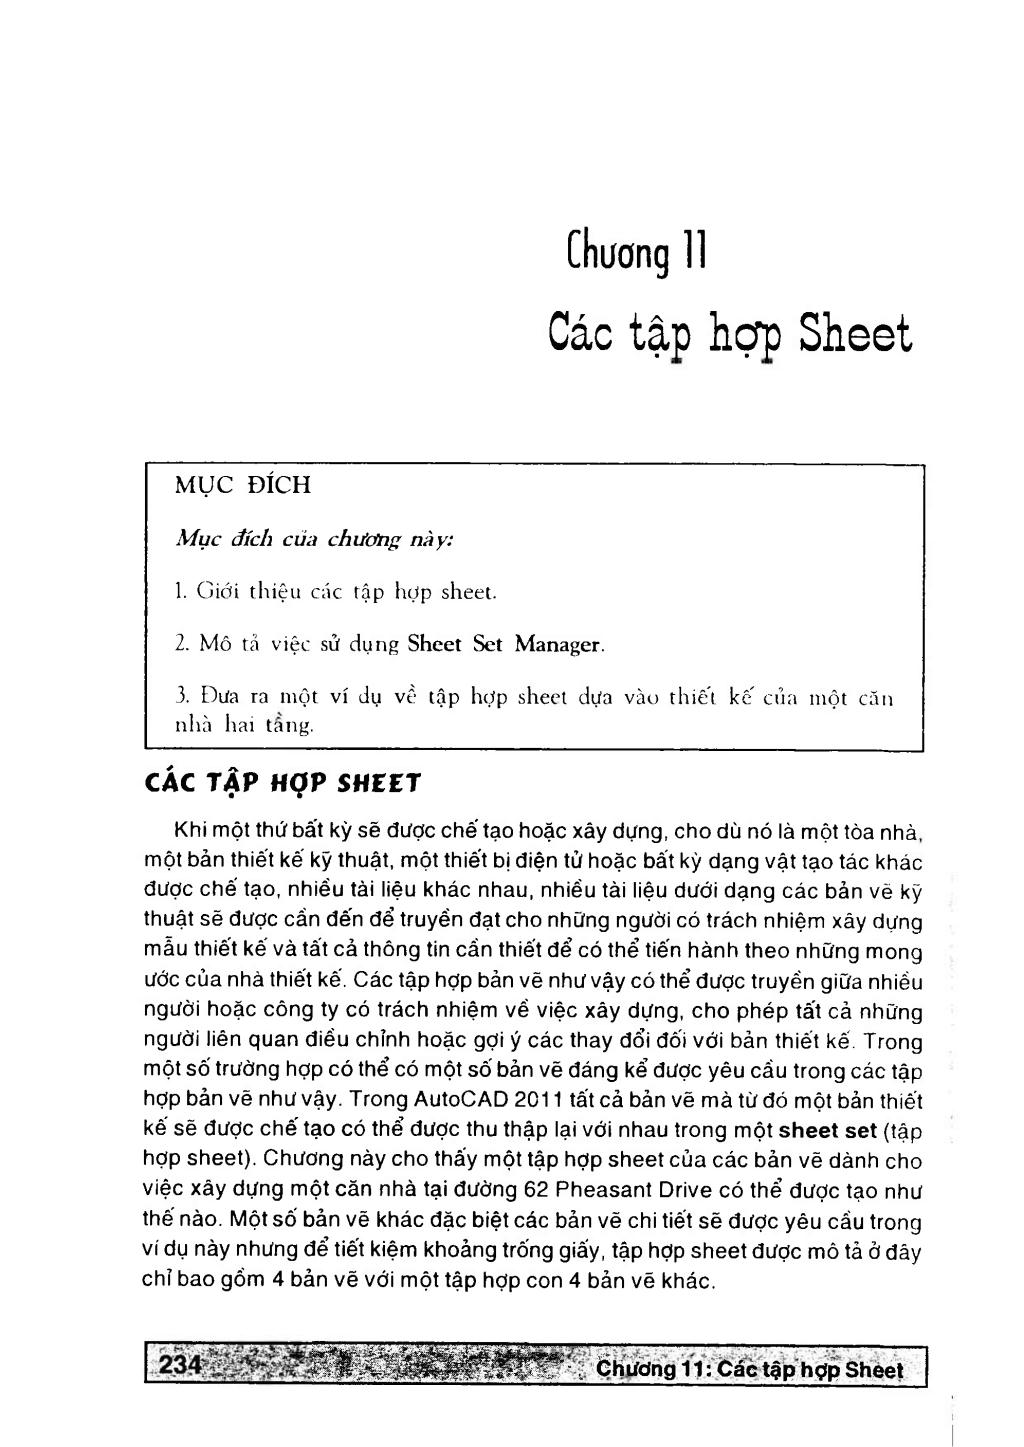 Thực hành thiết kế bản vẽ kiến trúc AutoCAD 2011: Phần 2 - ThS. Nguyễn Khải Hoàn & Nhóm Tin học IE